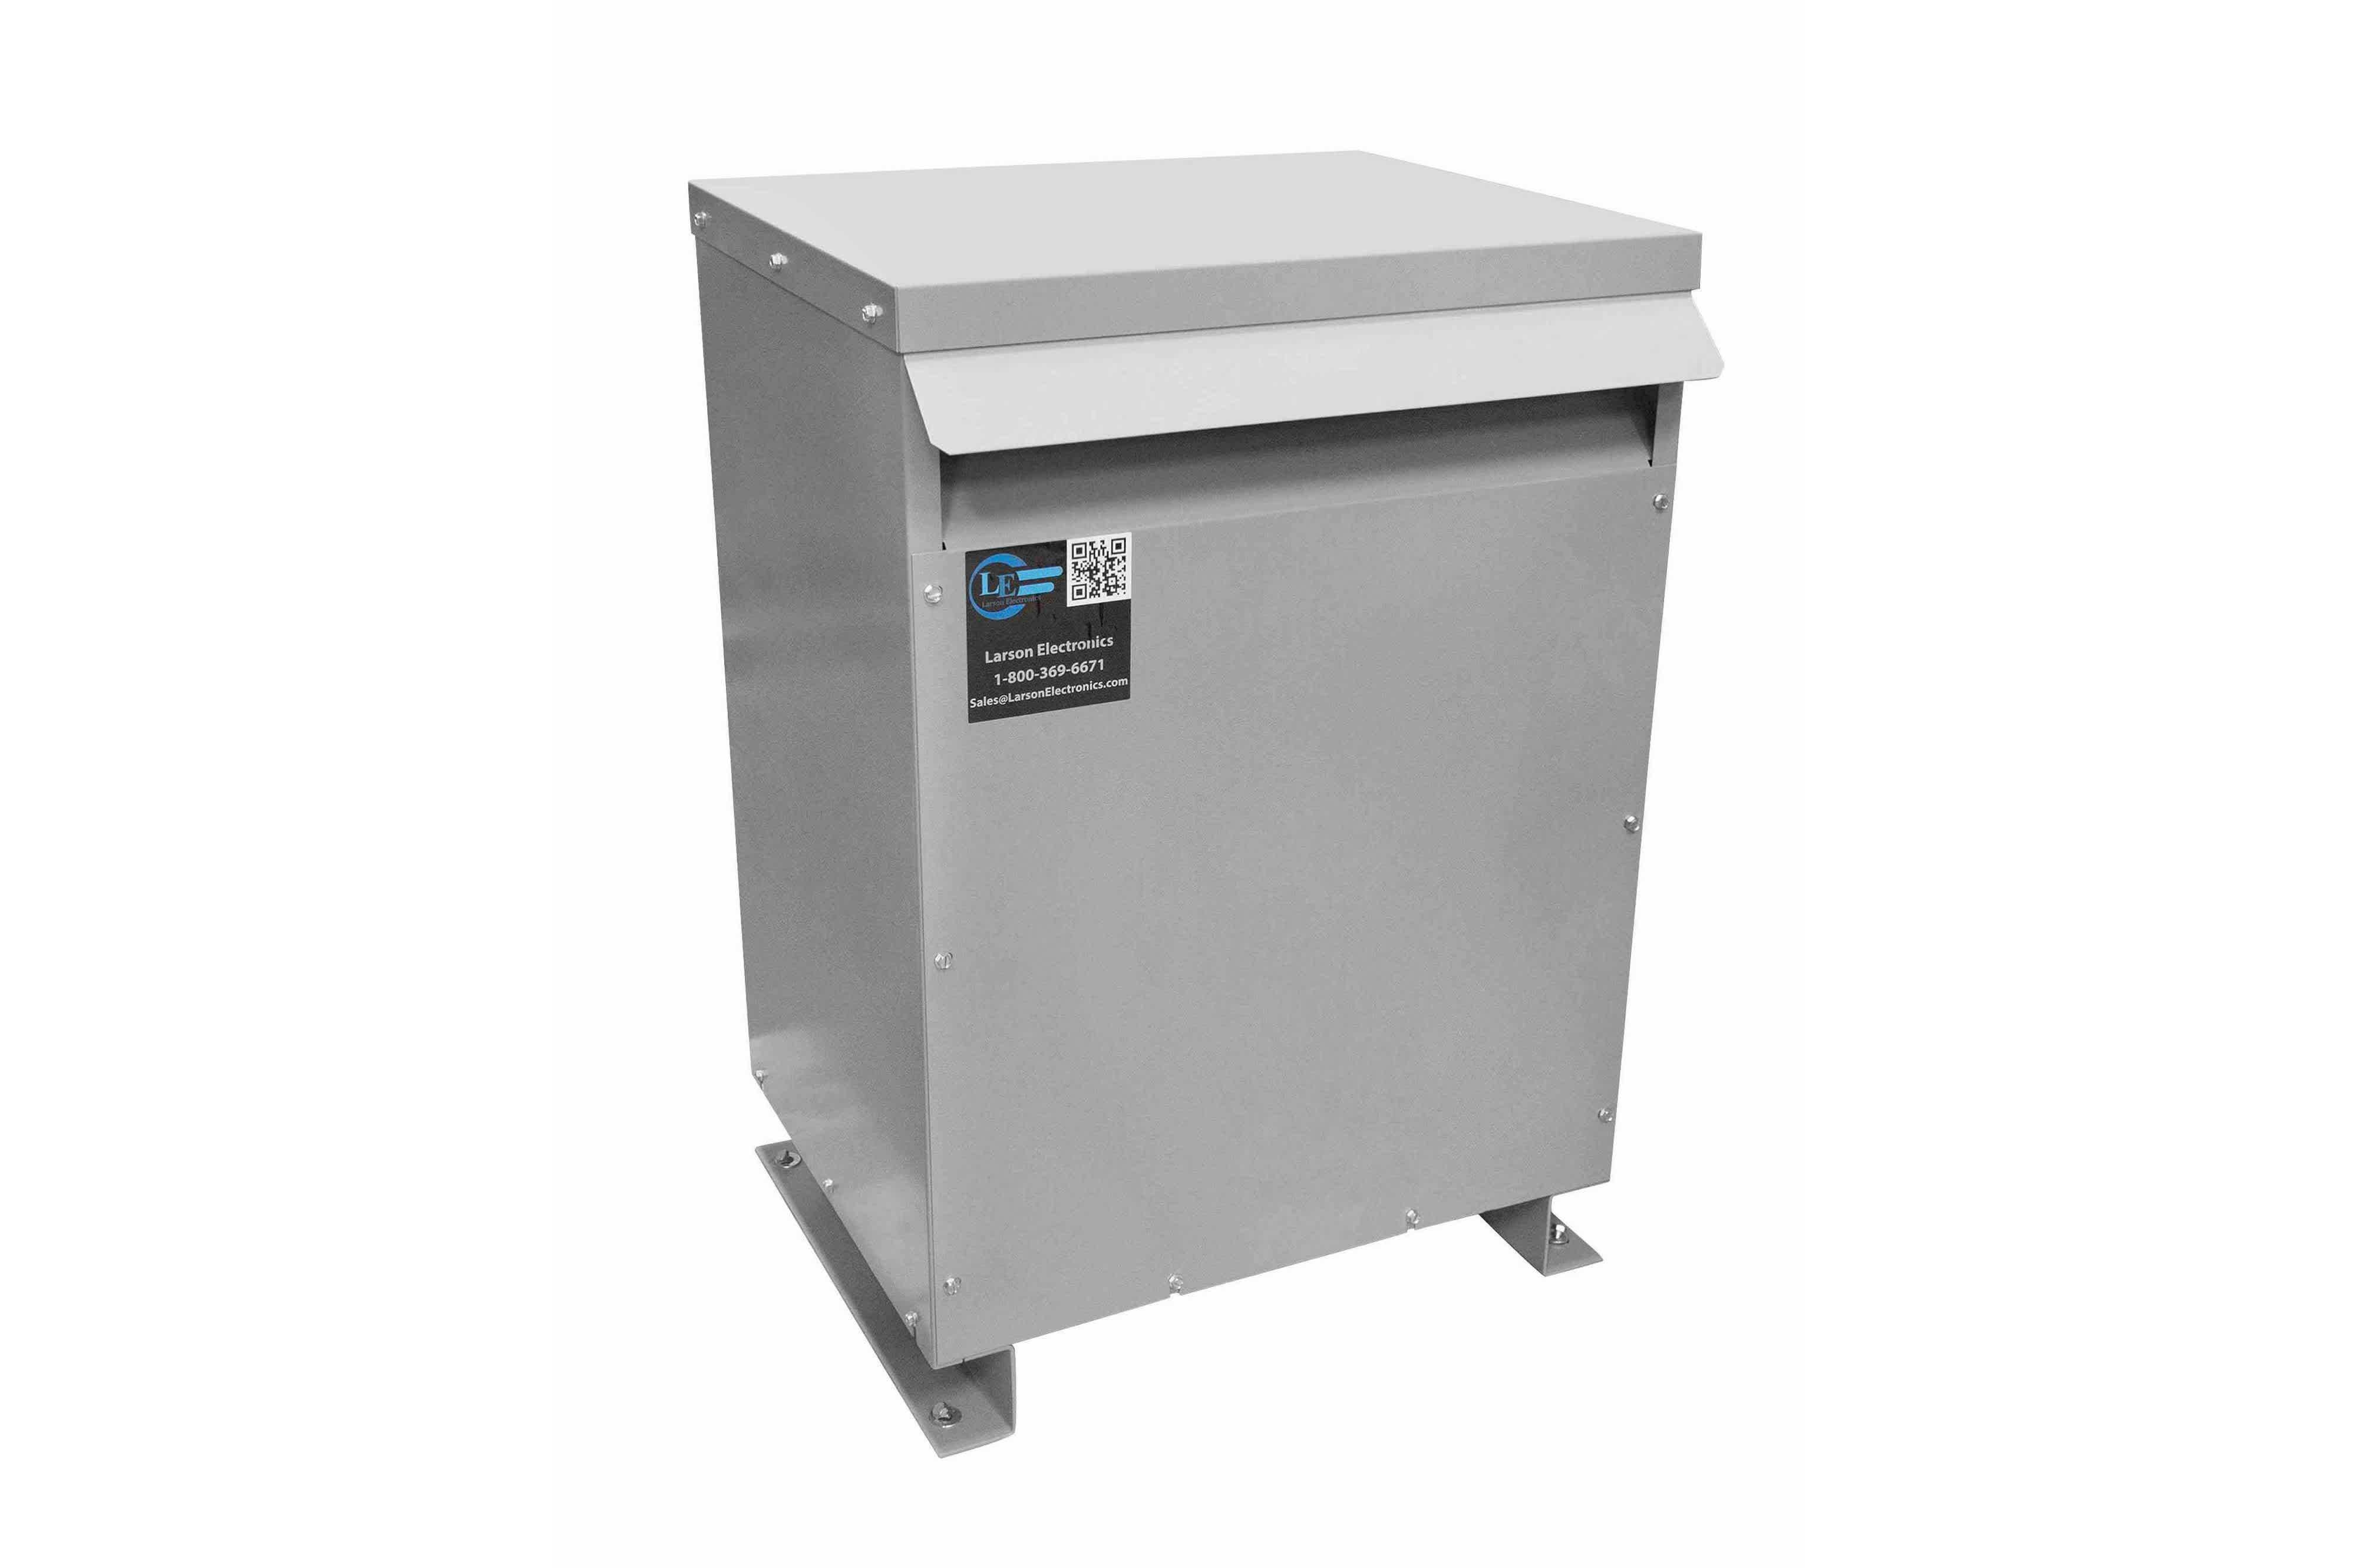 112.5 kVA 3PH Isolation Transformer, 600V Delta Primary, 208V Delta Secondary, N3R, Ventilated, 60 Hz